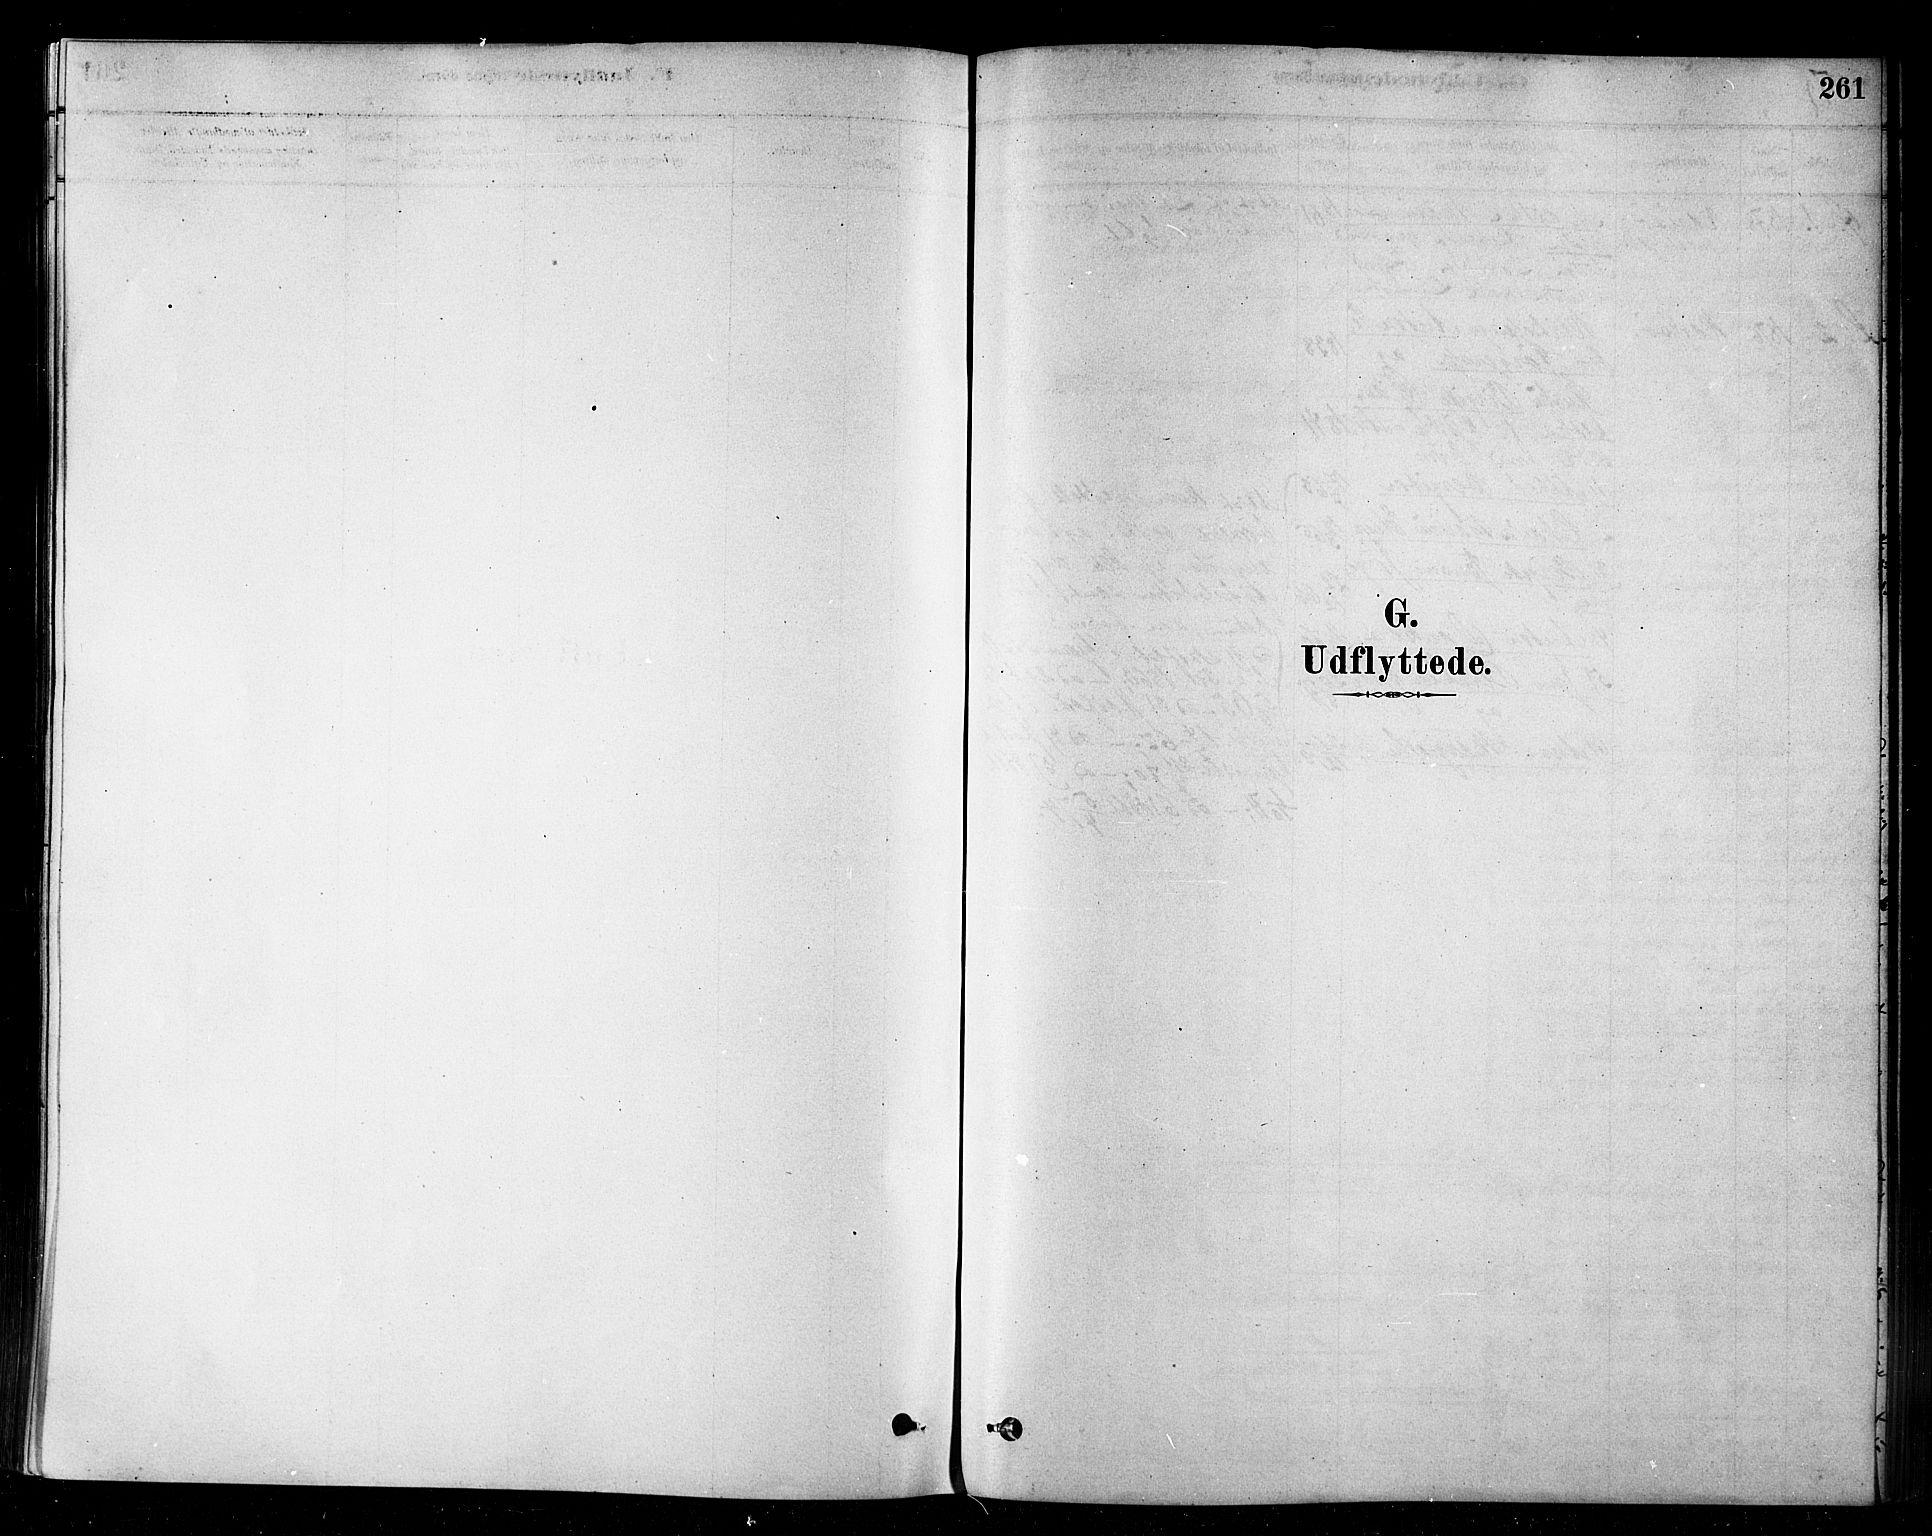 SATØ, Loppa sokneprestkontor, H/Ha/L0006kirke: Ministerialbok nr. 6, 1879-1895, s. 261